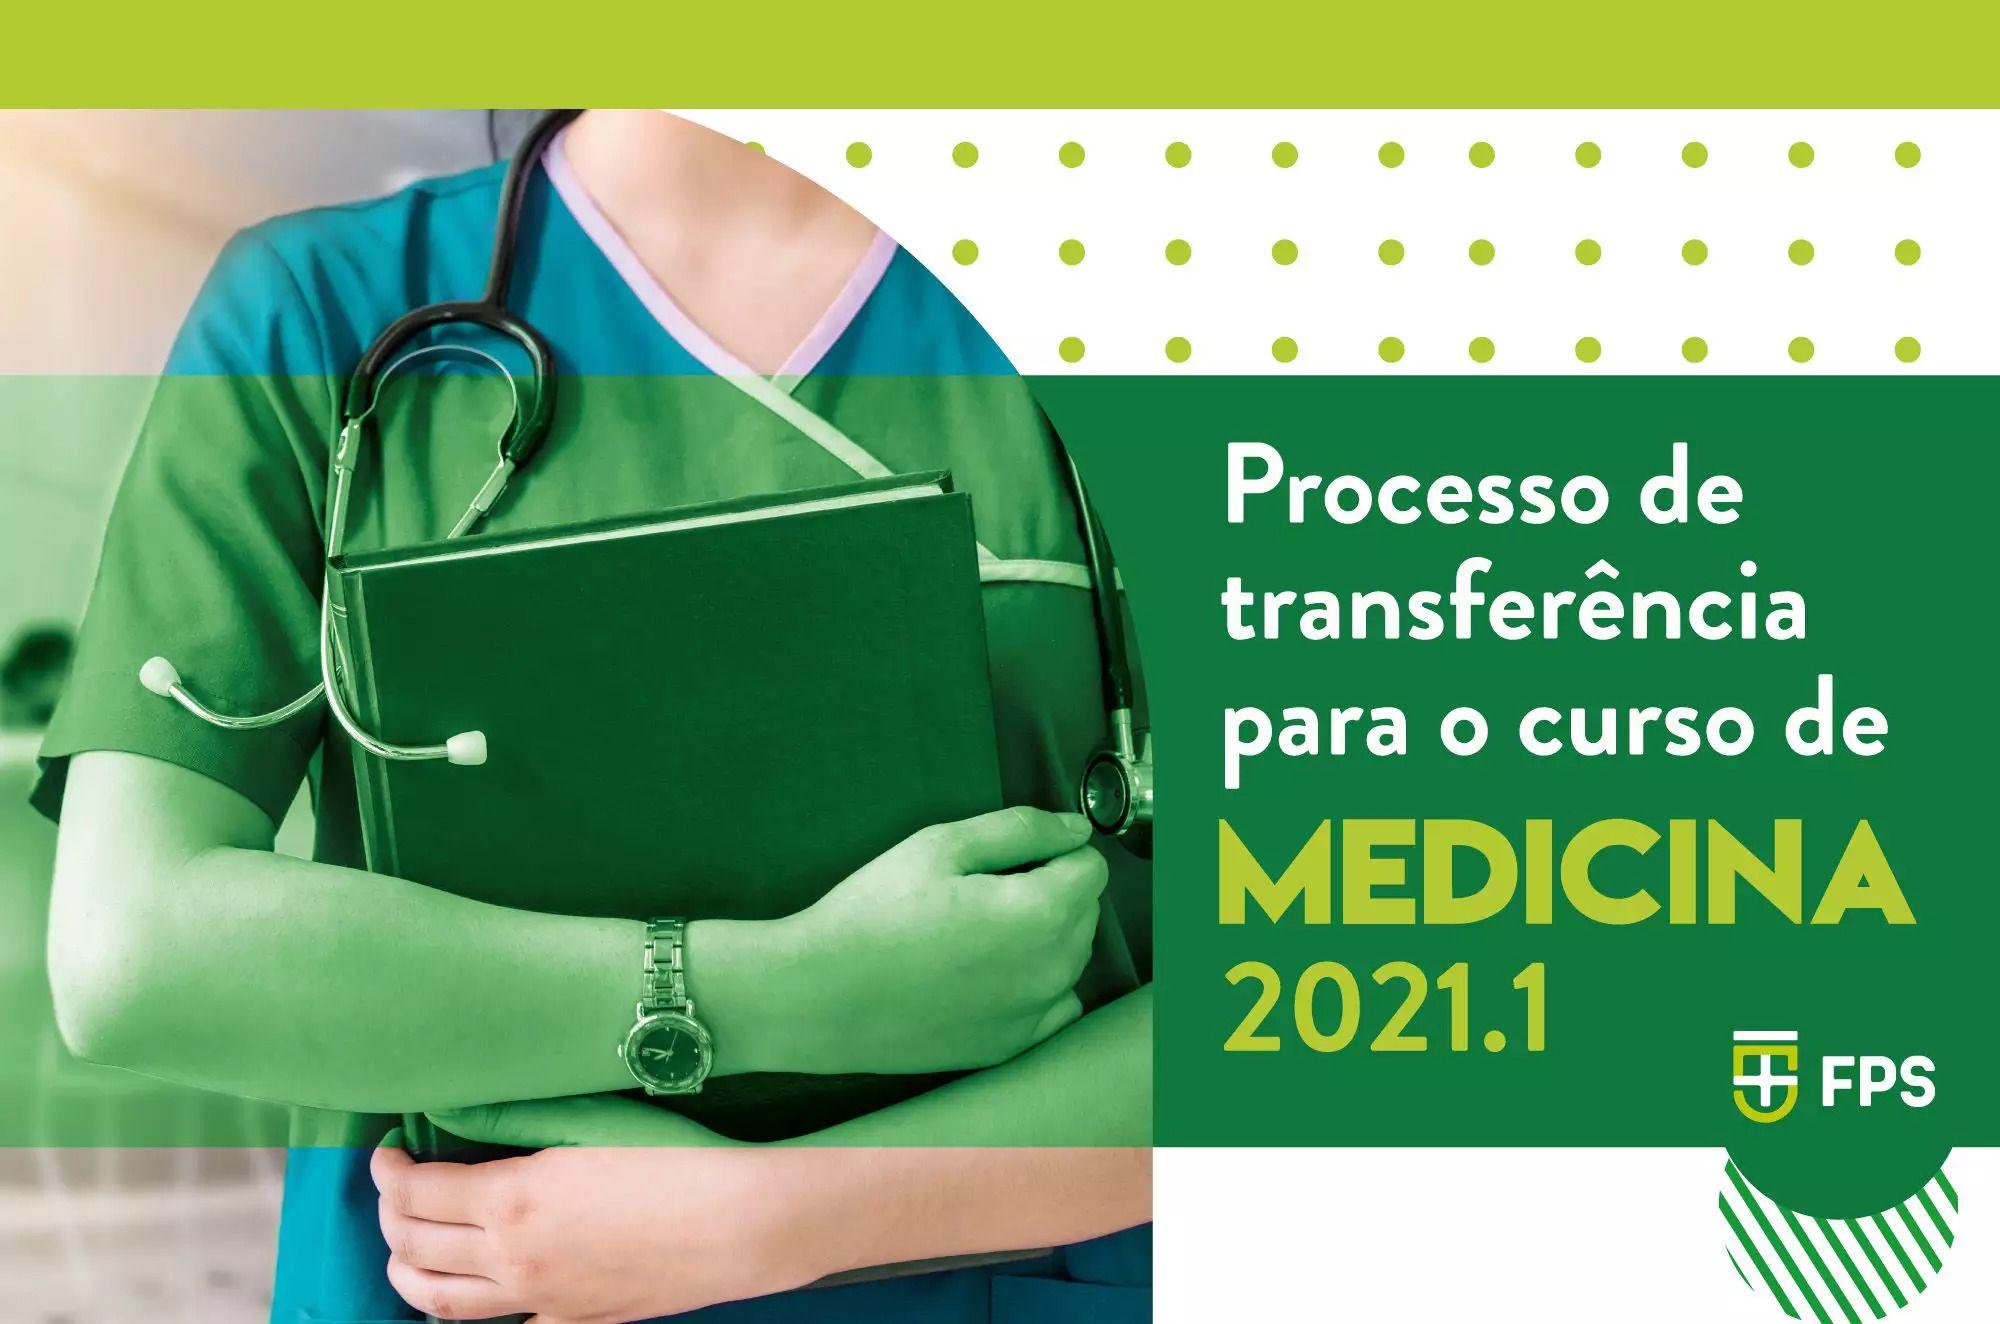 PROCESSO DE TRANSFERÊNCIA DE MEDICINA 2021.1 - RESULTADO